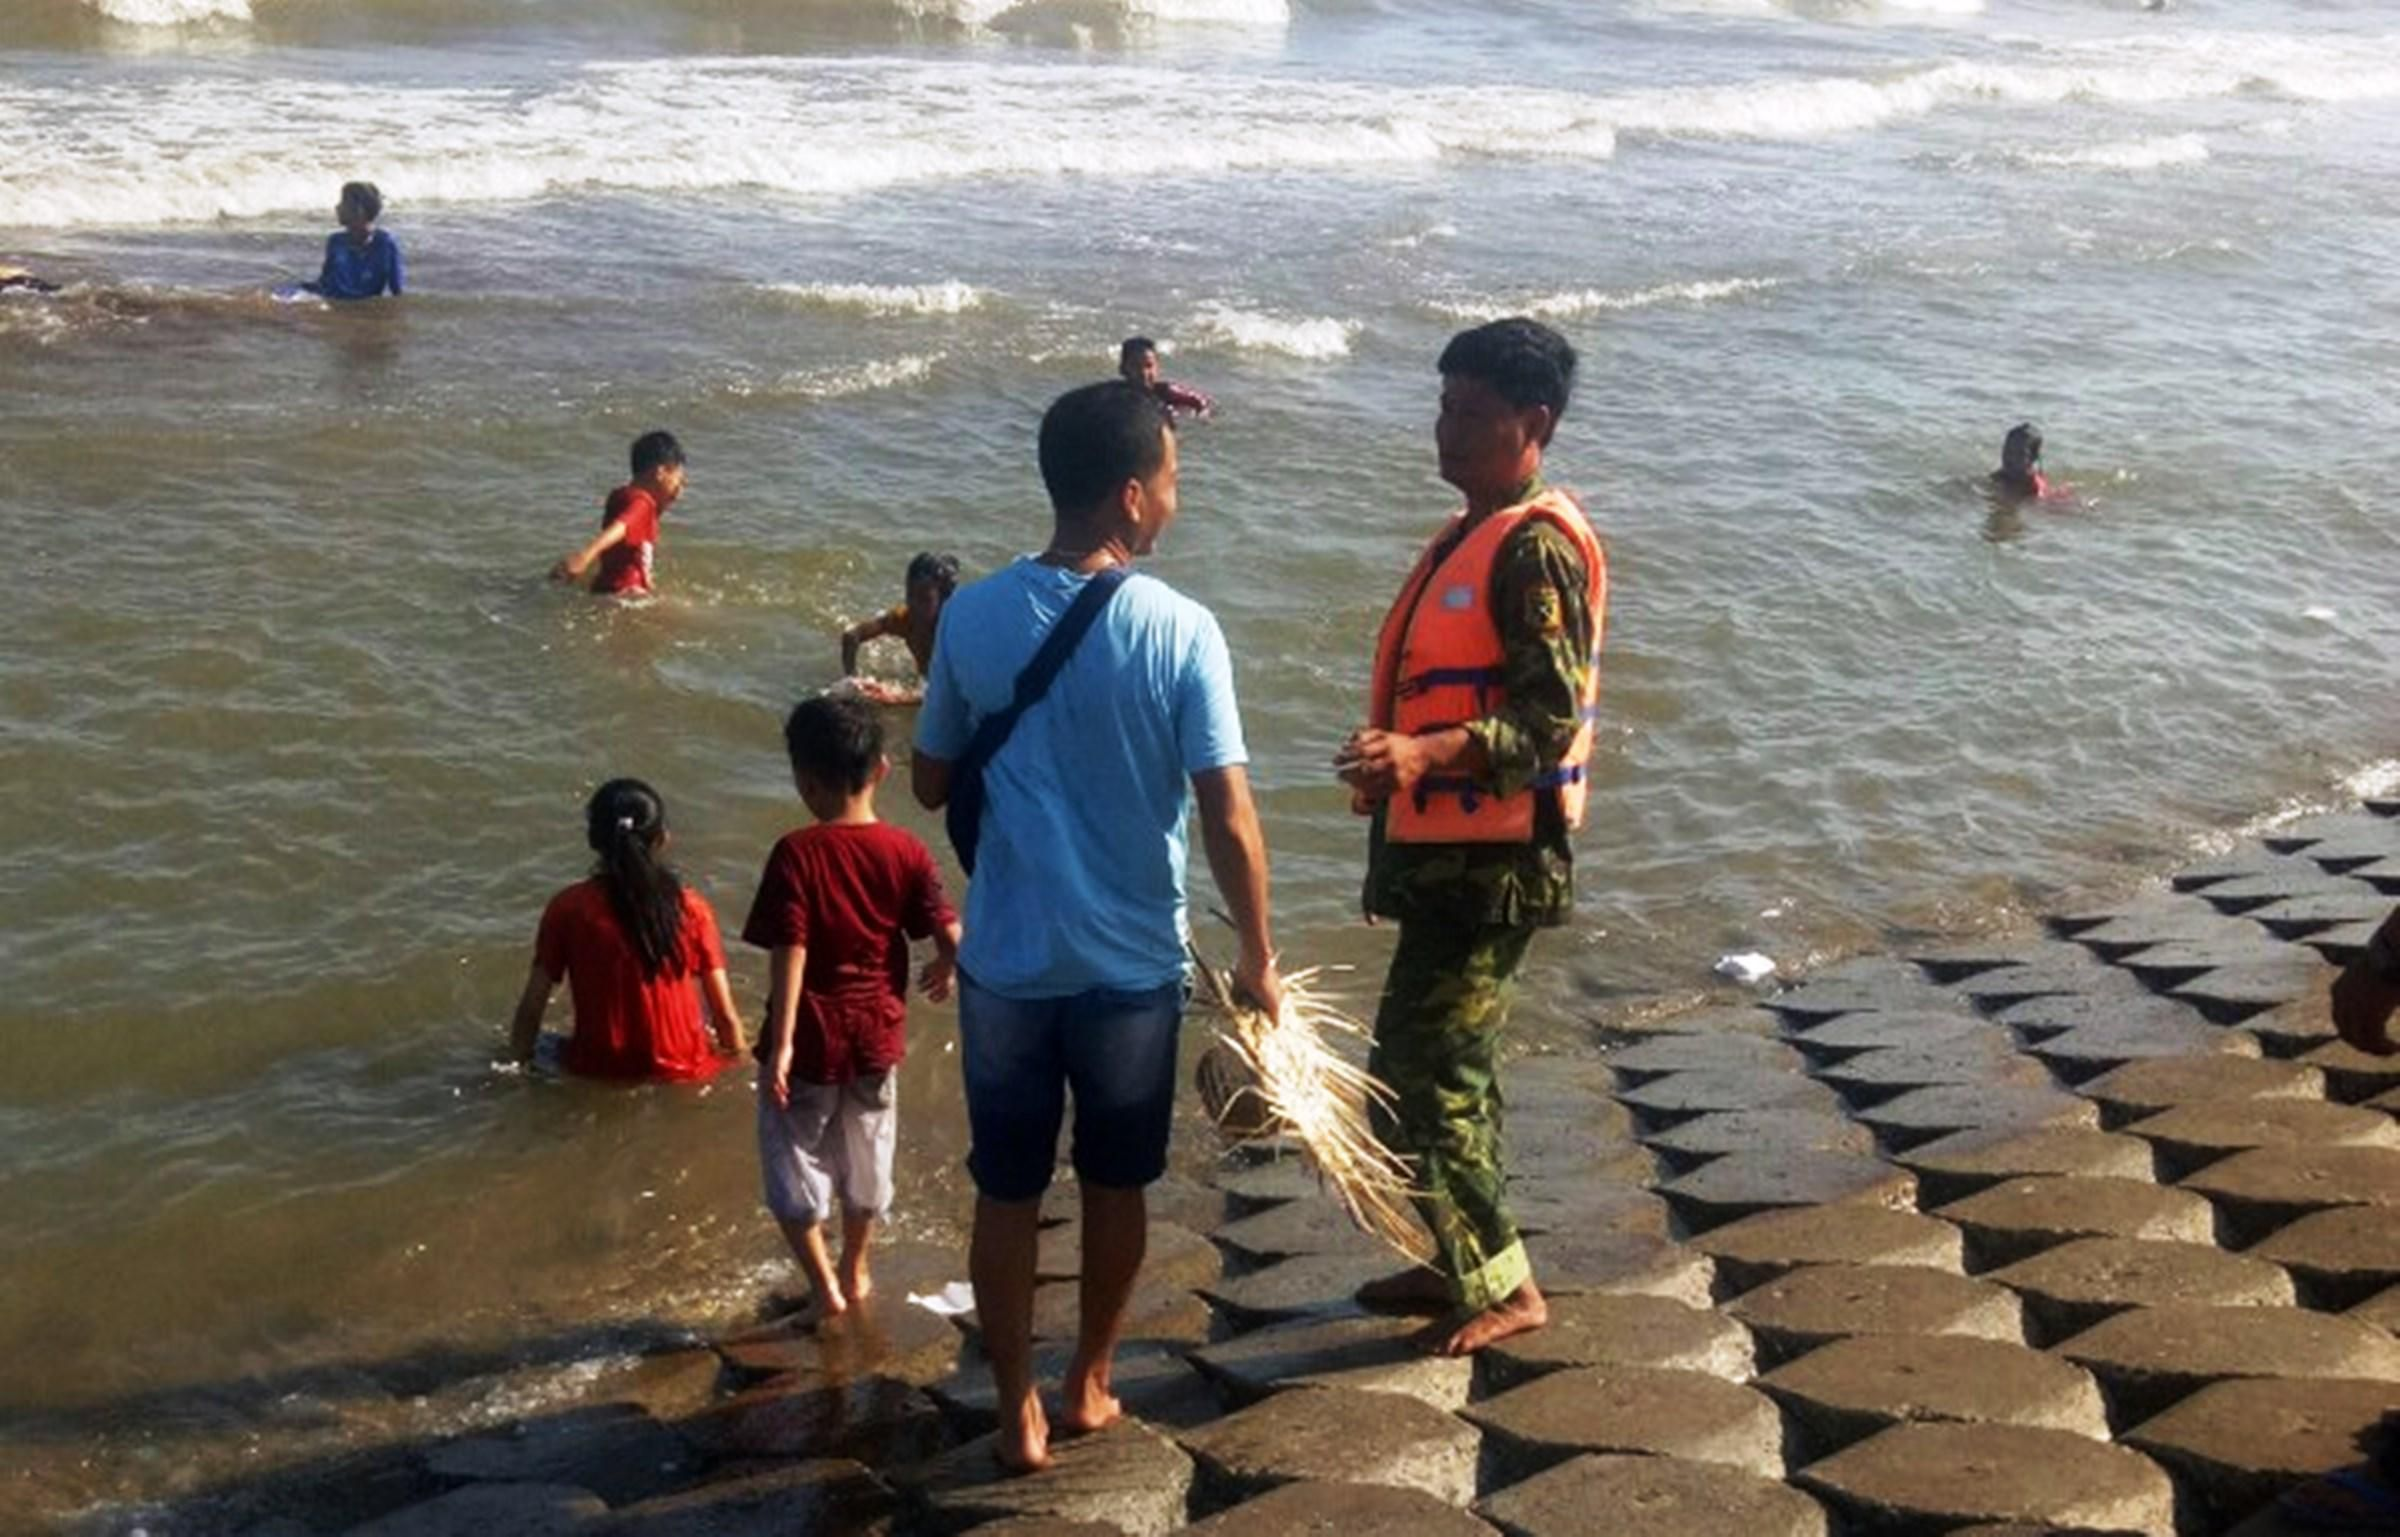 Cứu sống 5 khách du lịch bị đuối nước Ảnh 2